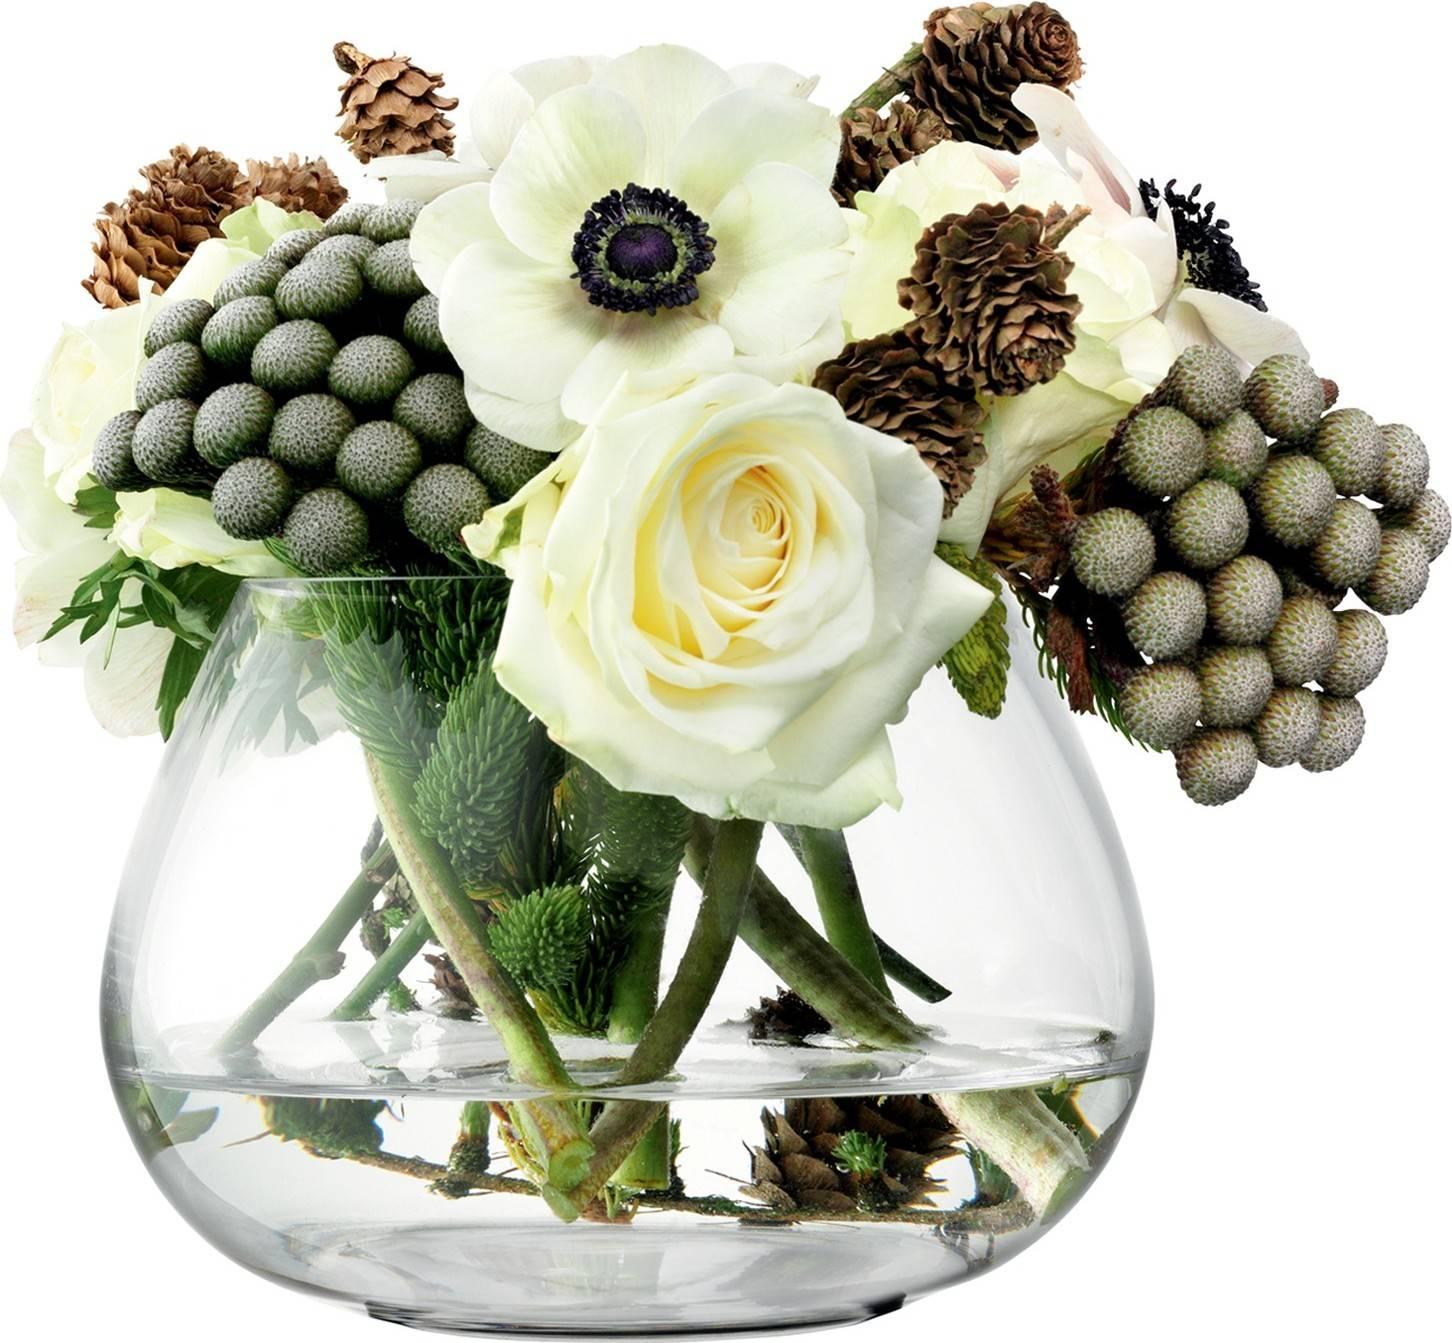 Flower skleněná váza pro aranžmá na stůl čirá, v.11.5cm, LSA, Handmade G594-11-301 LSA International